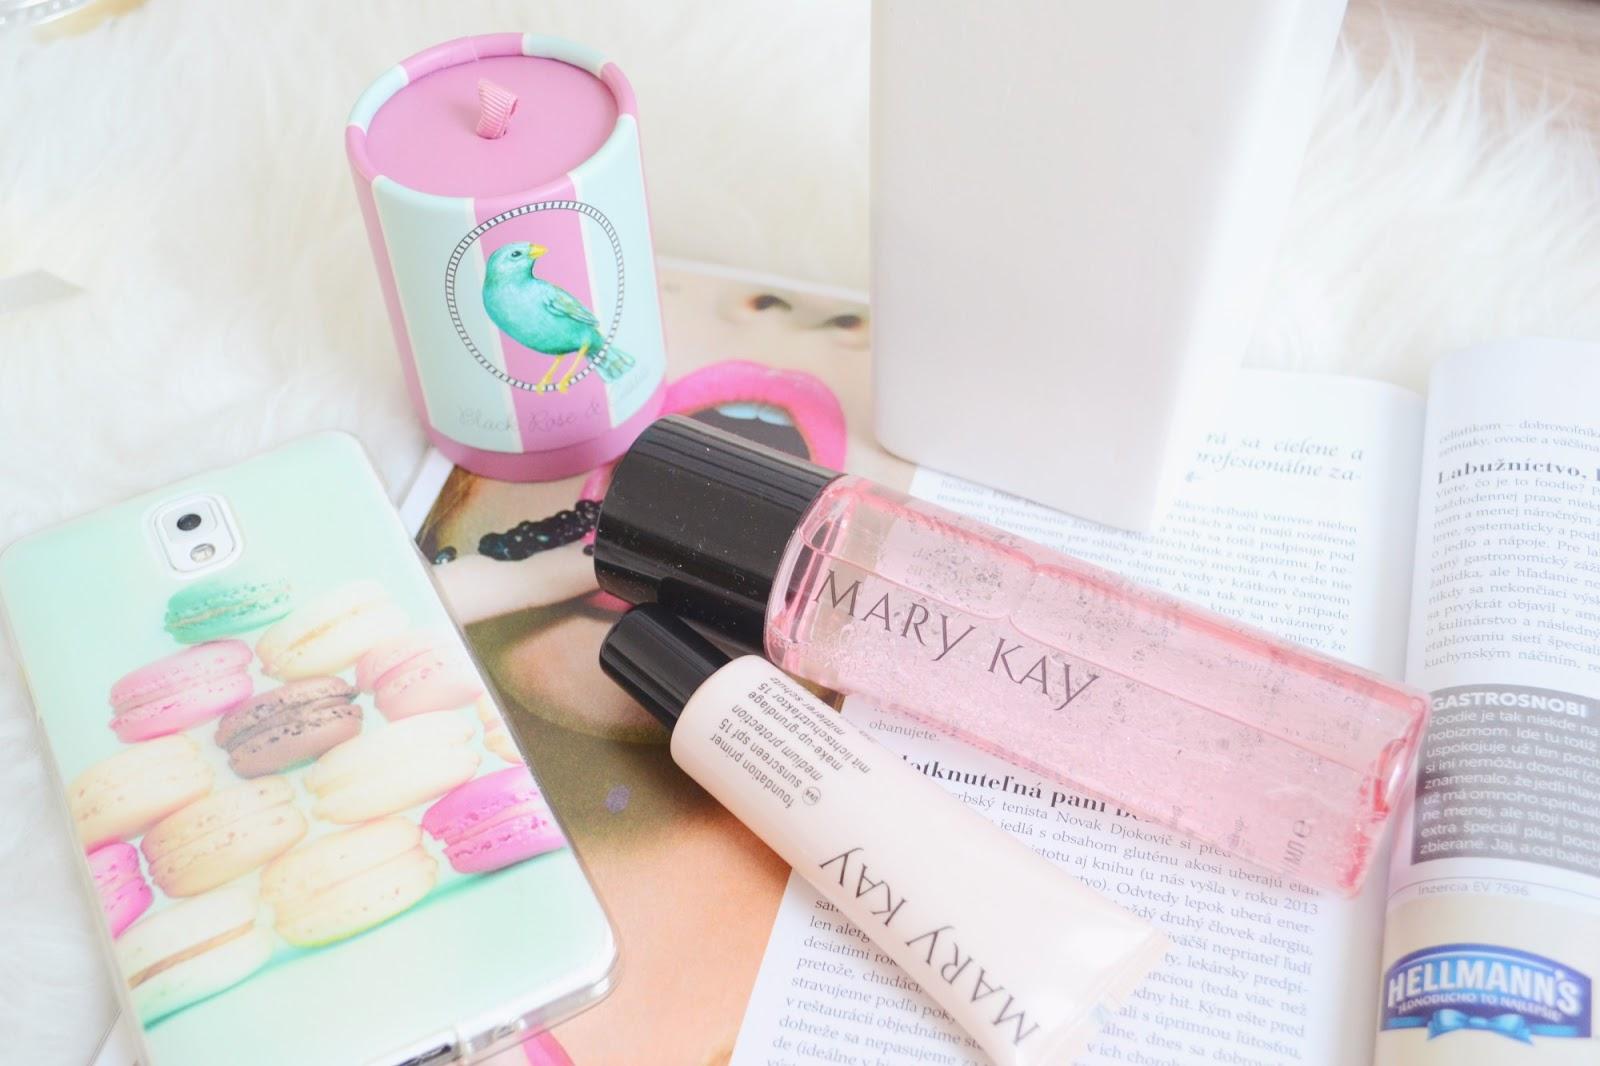 Mary Kay bestsellers